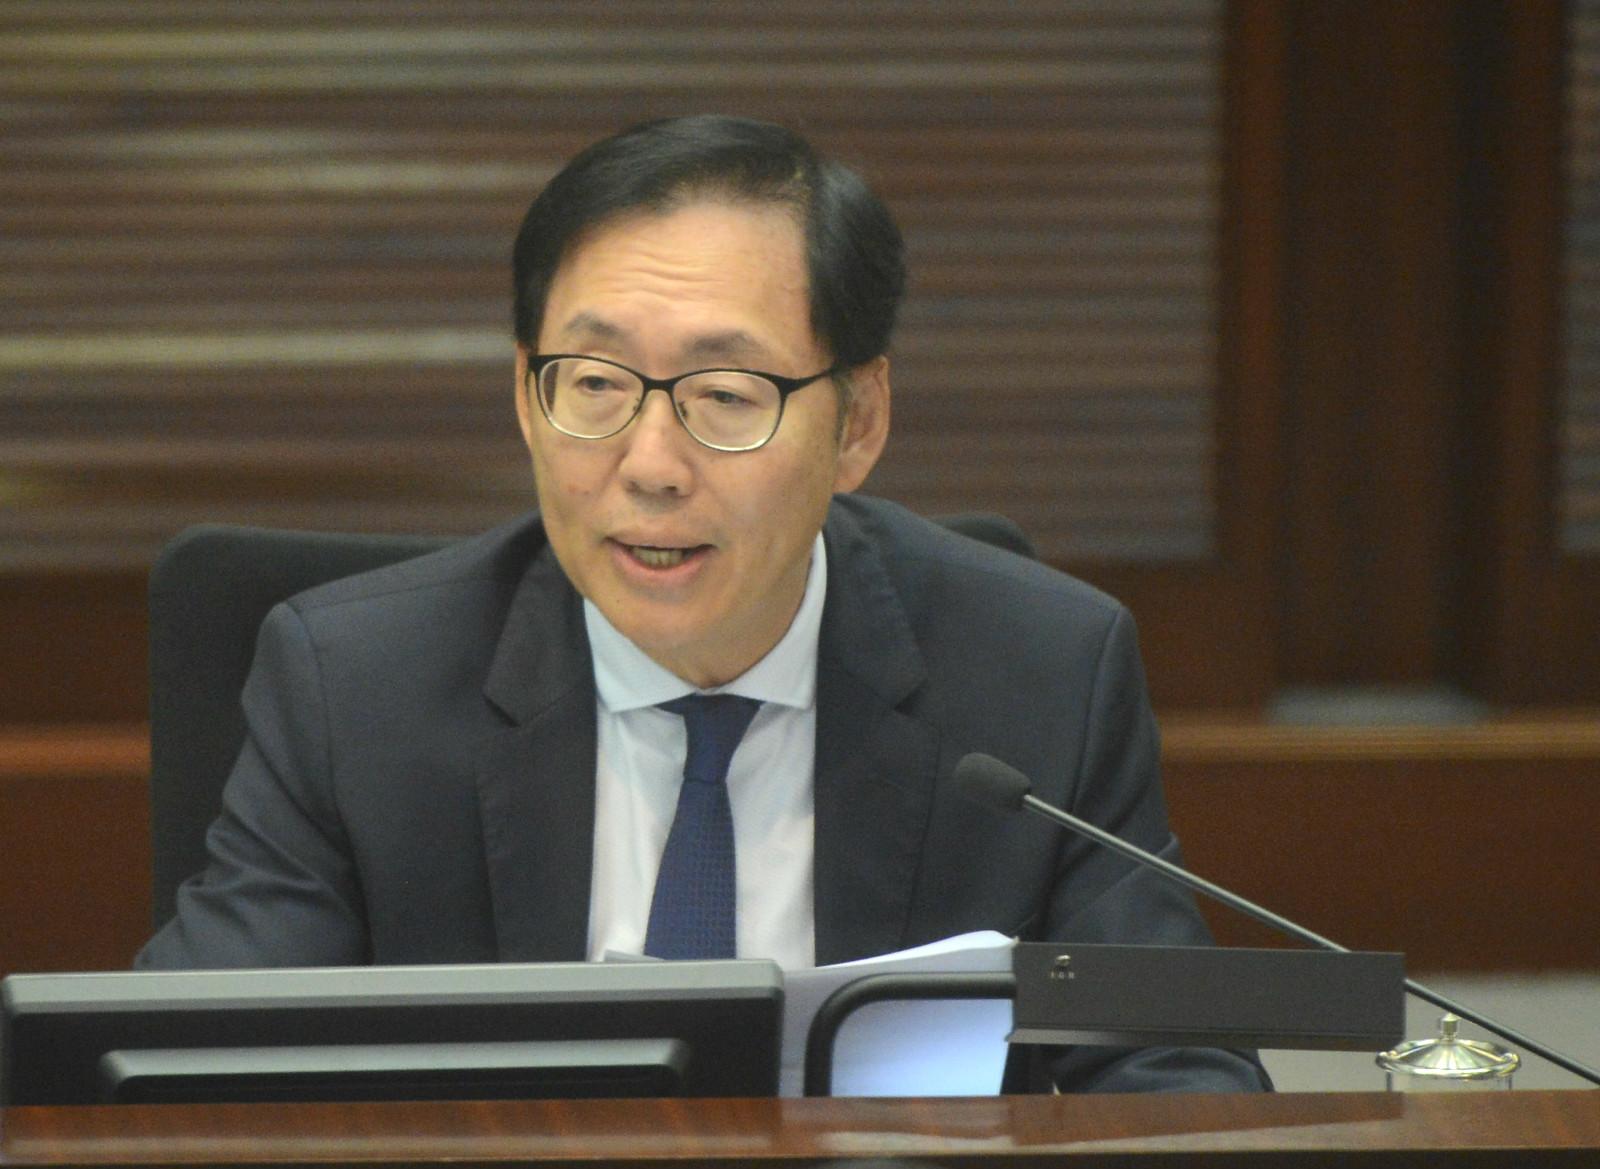 財委會主席陳健波籲棄政治歧見顧及民生。資料圖片